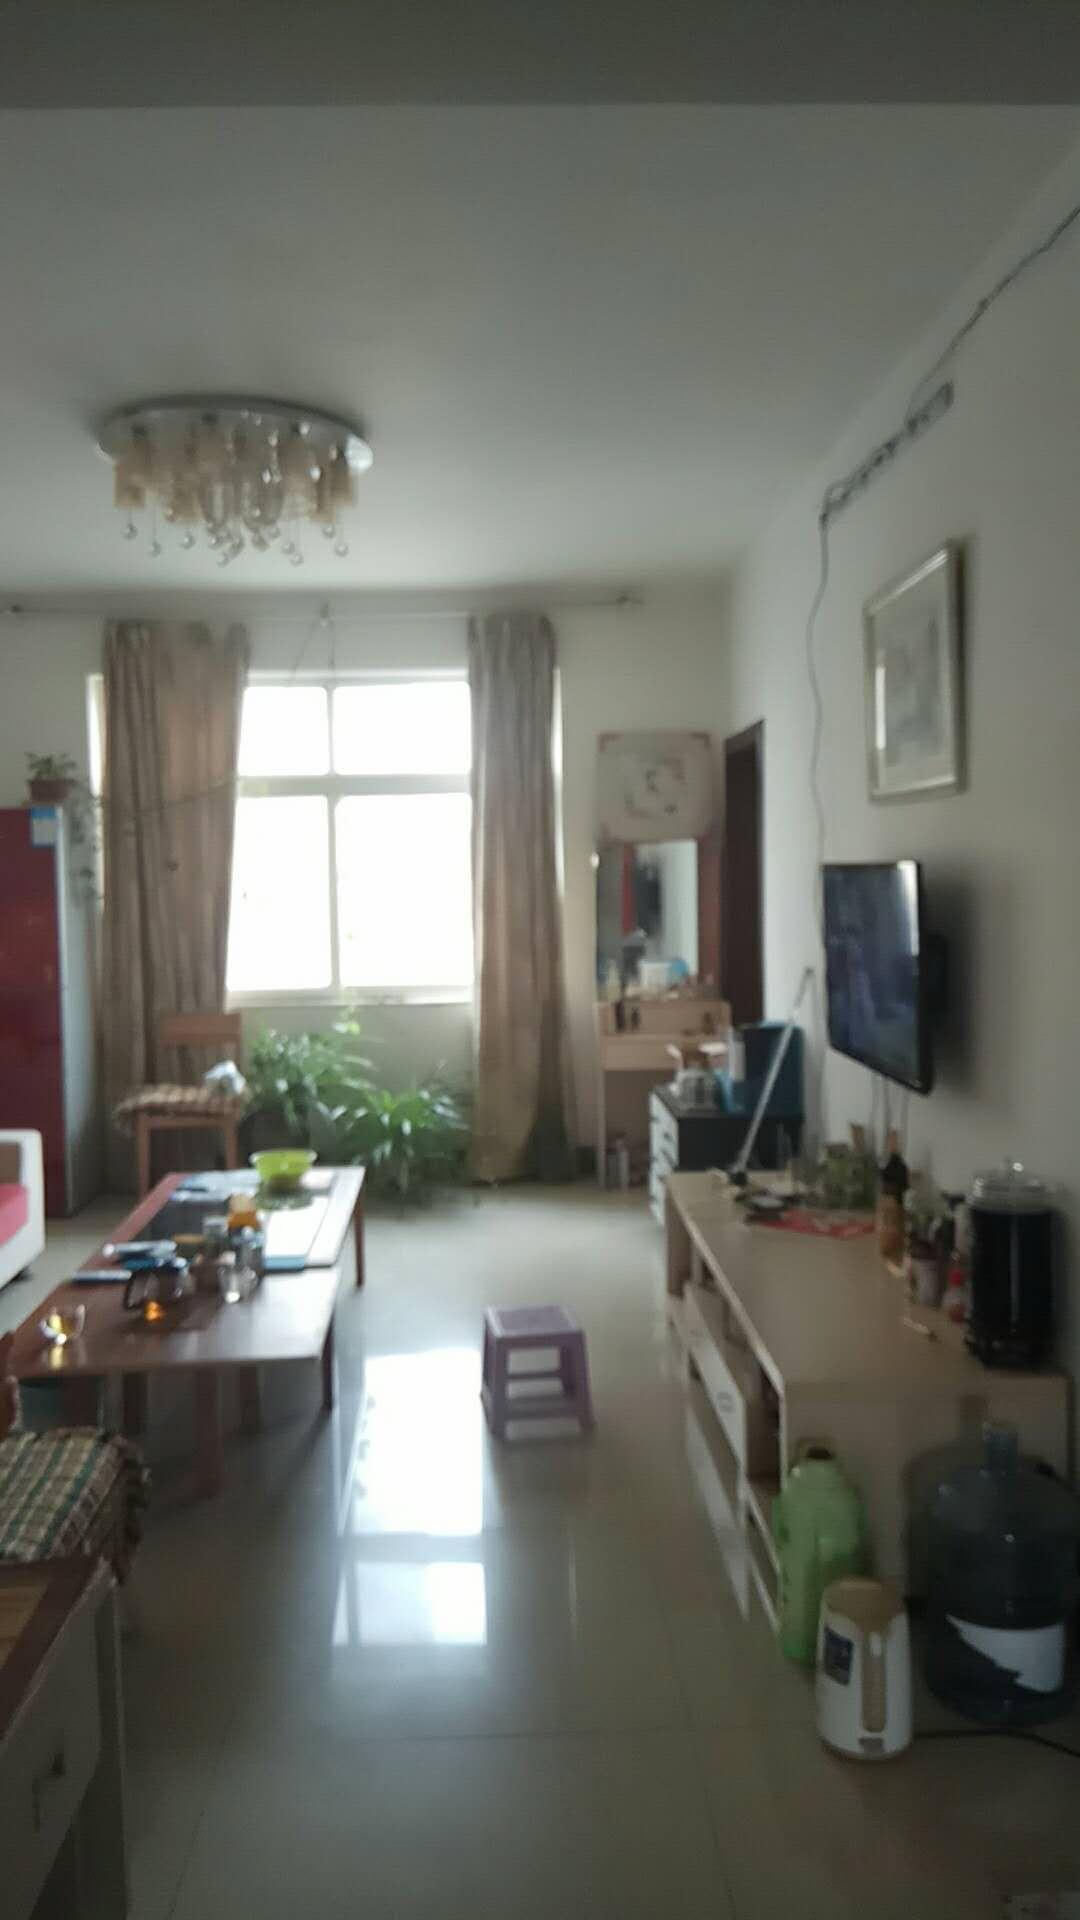 鑫源花园小区3室 2厅 1卫70万元